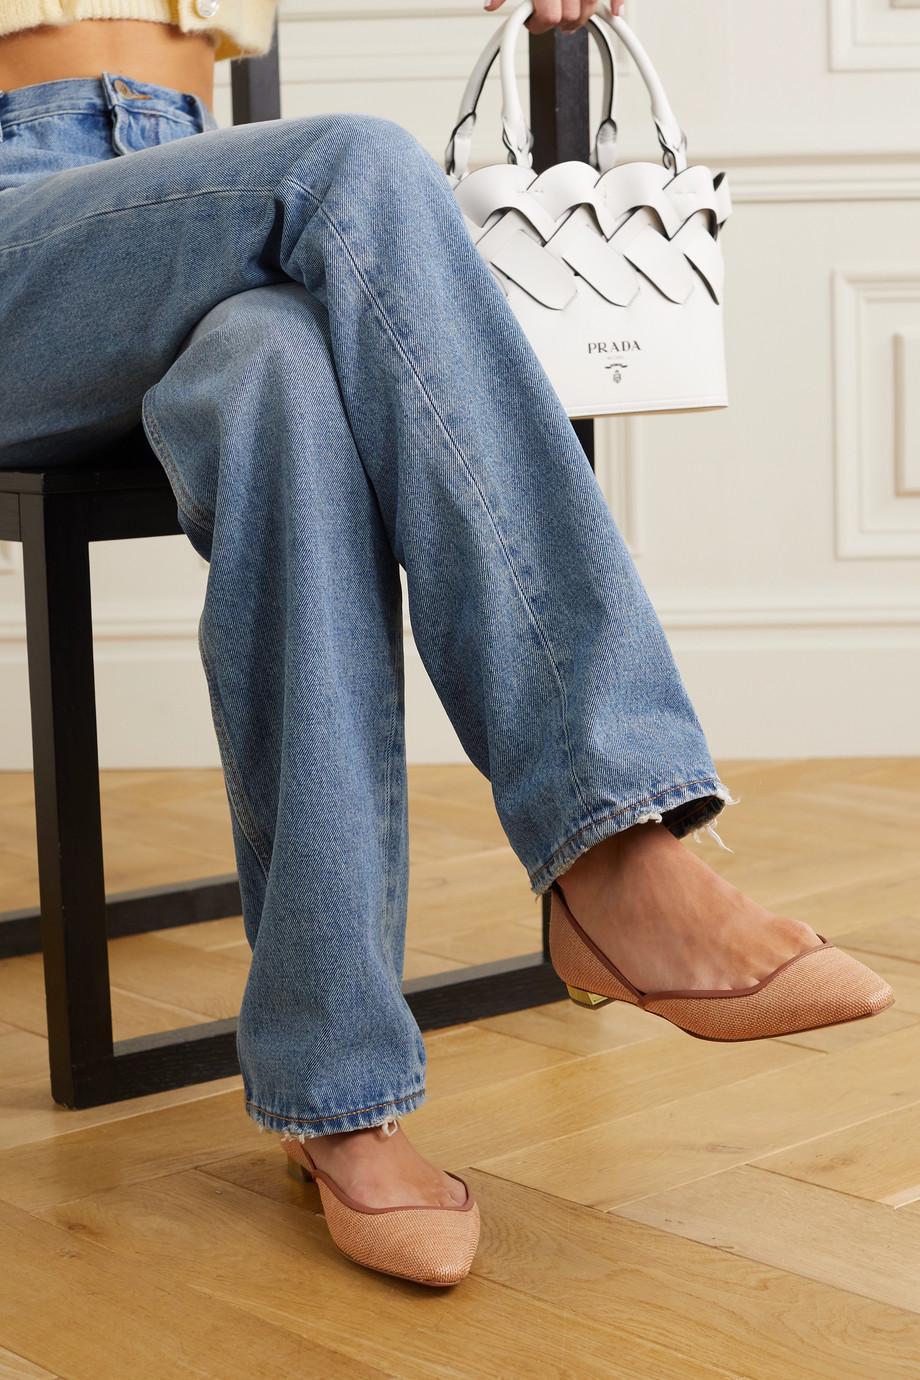 Aquazzura Maia leather-trimmed raffia ballet flats